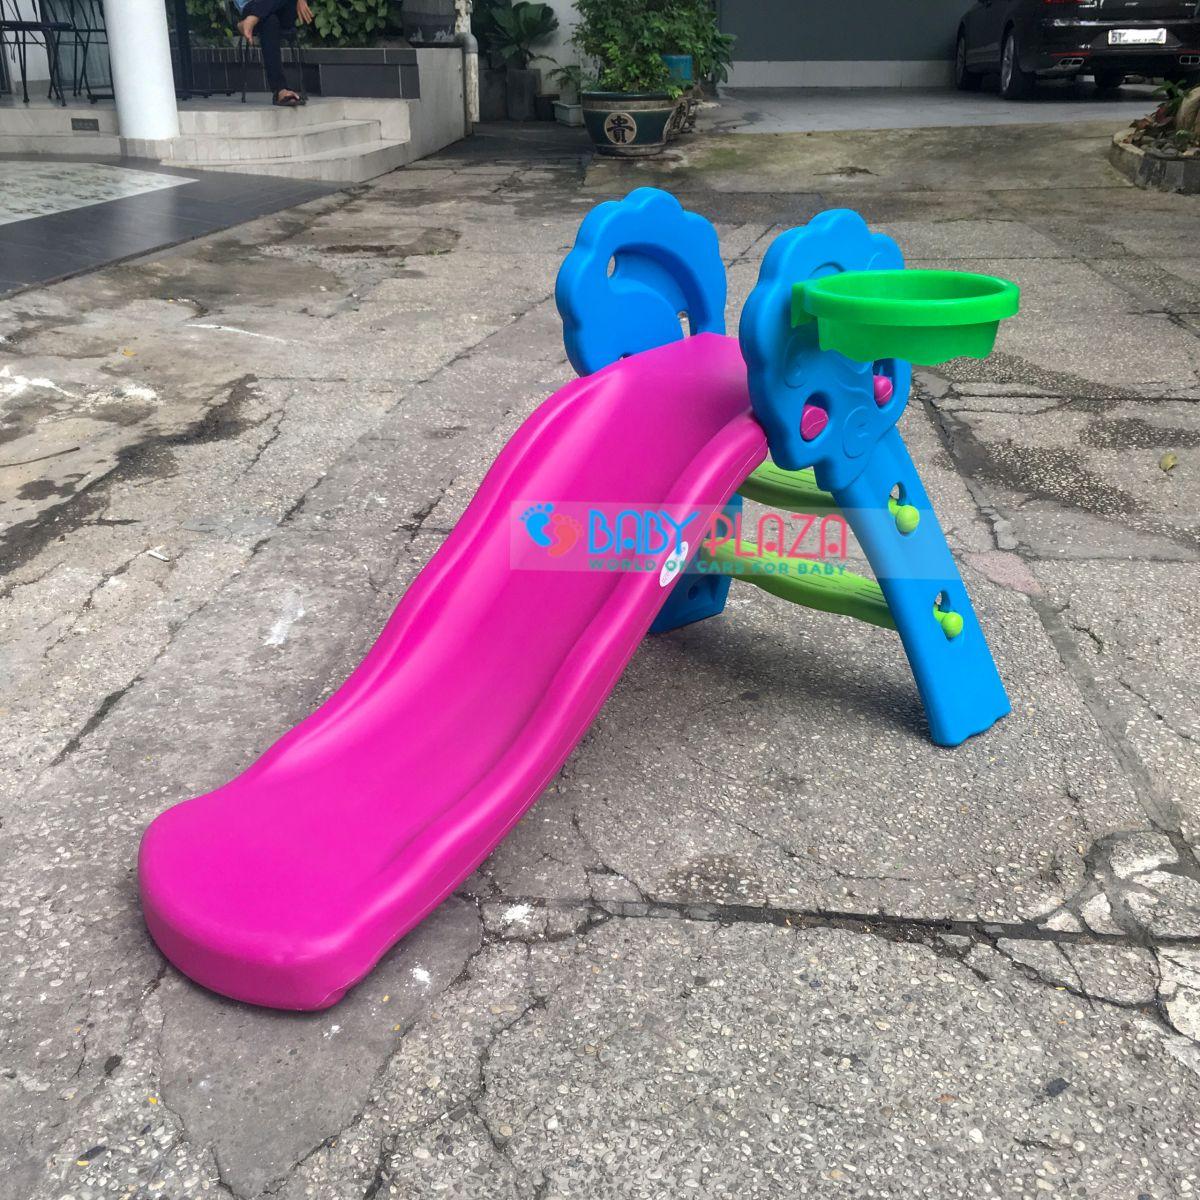 cầu trượt đơn tại nhà cho bé ygc-3512